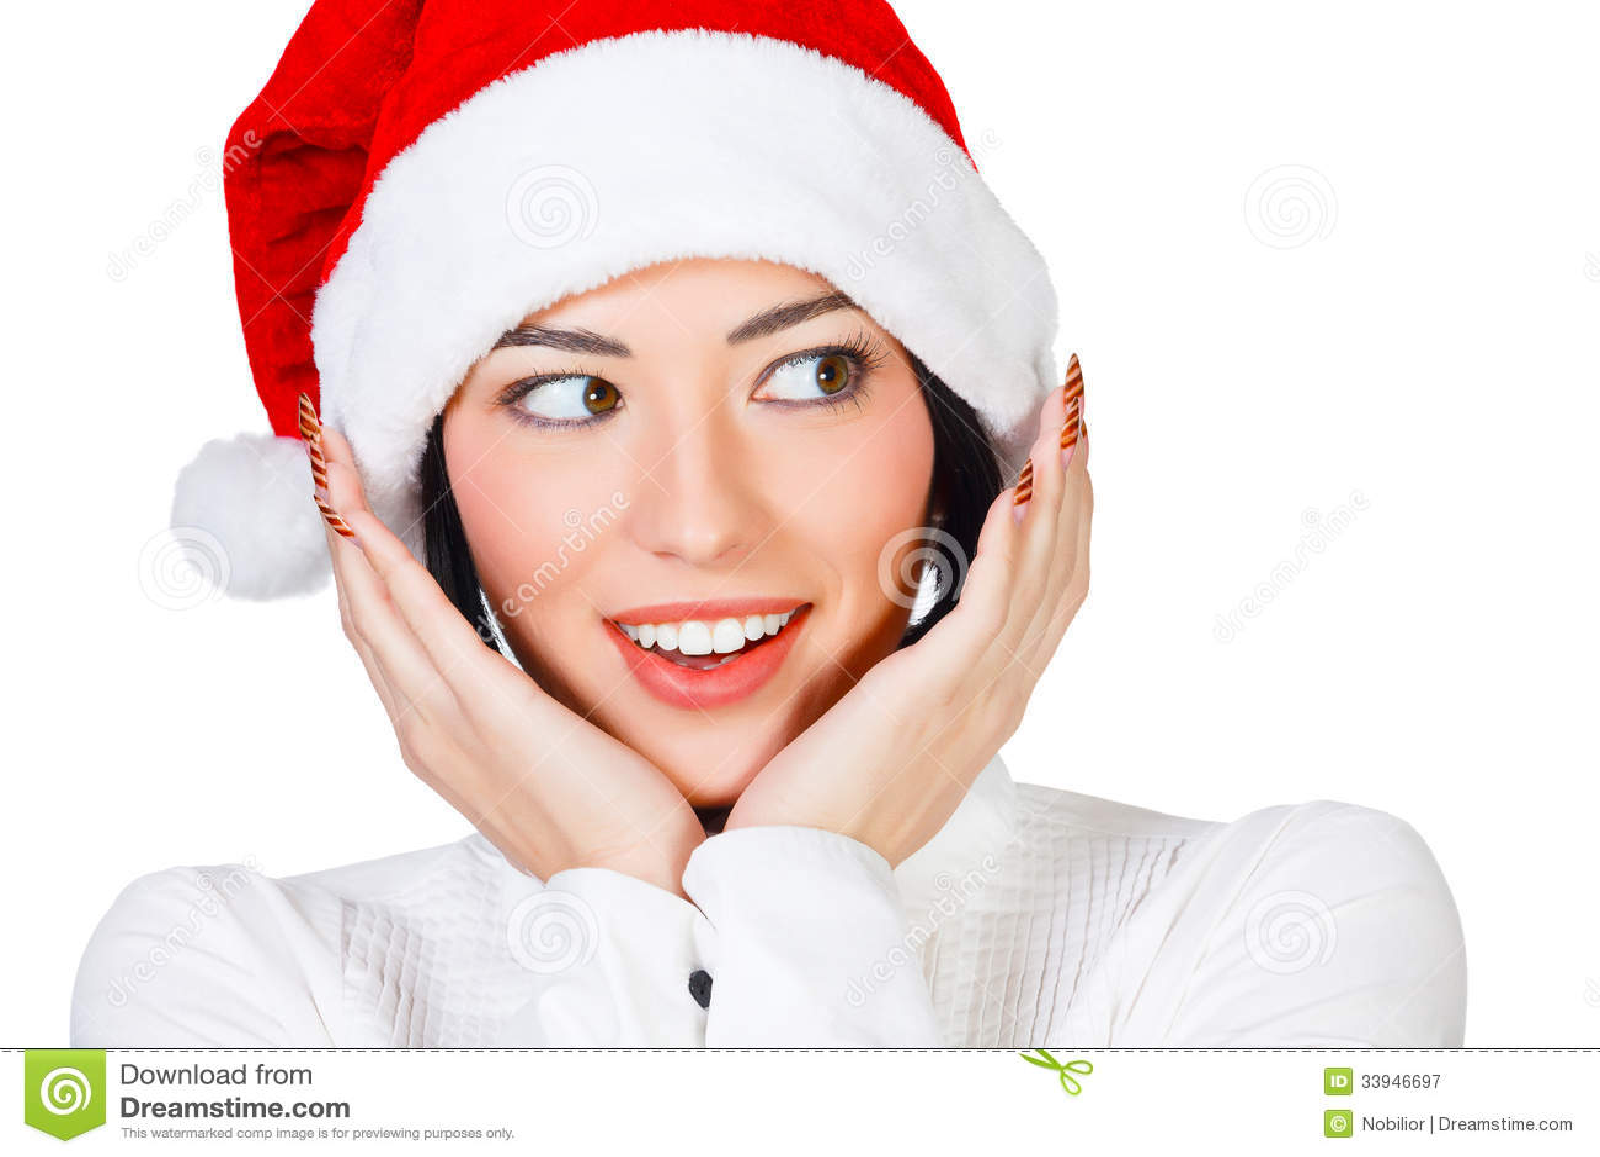 Donna Con Il Cappello Di Natale Fotografia Stock Libera da Diritti - Immagine...